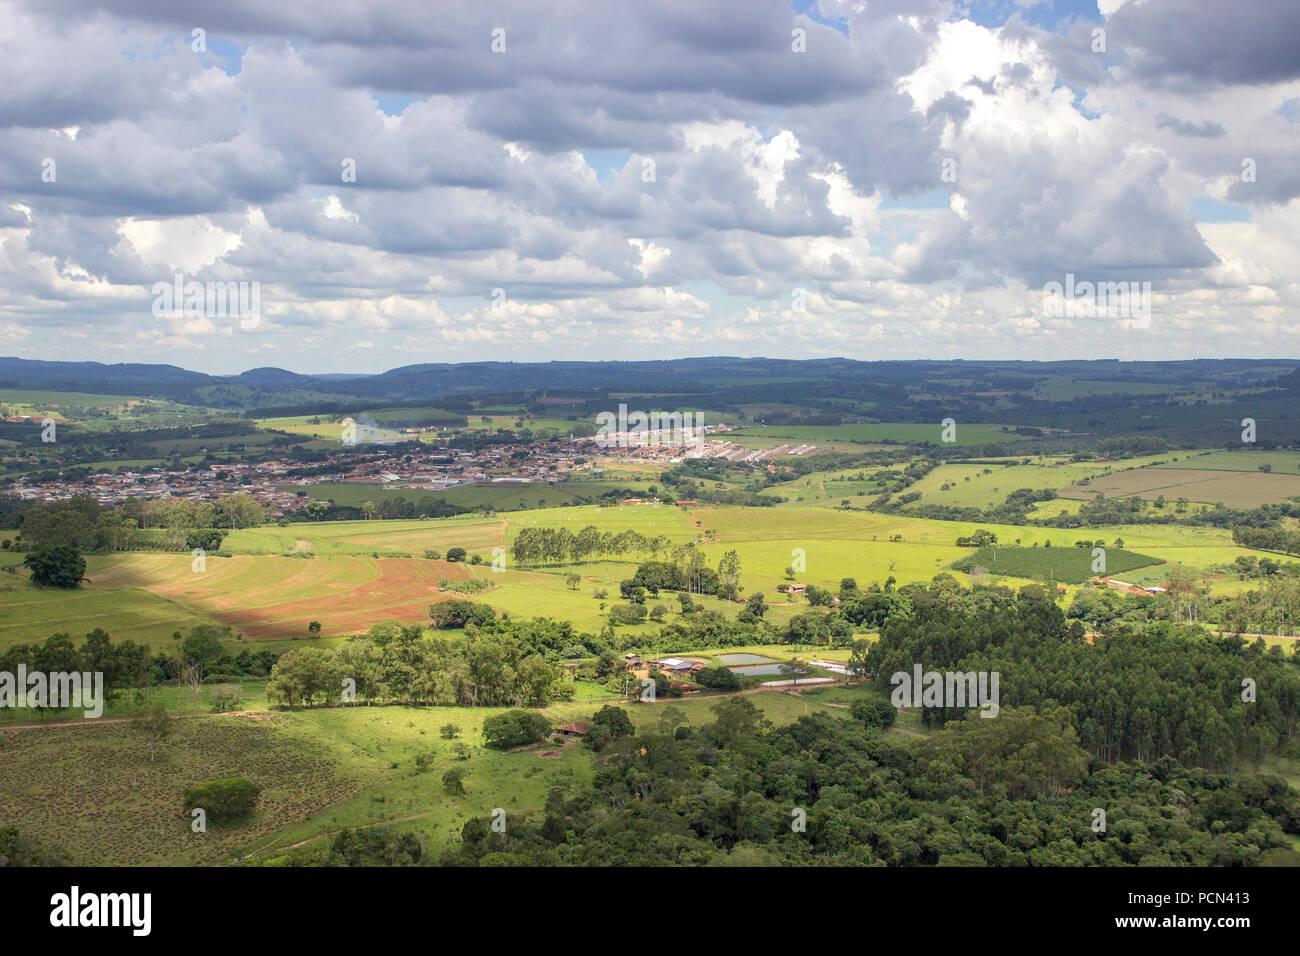 Belles montagnes à l'horizon - Minas Gerais - São Paulo - Santo Antonio da Alegria / Brésil Photo Stock